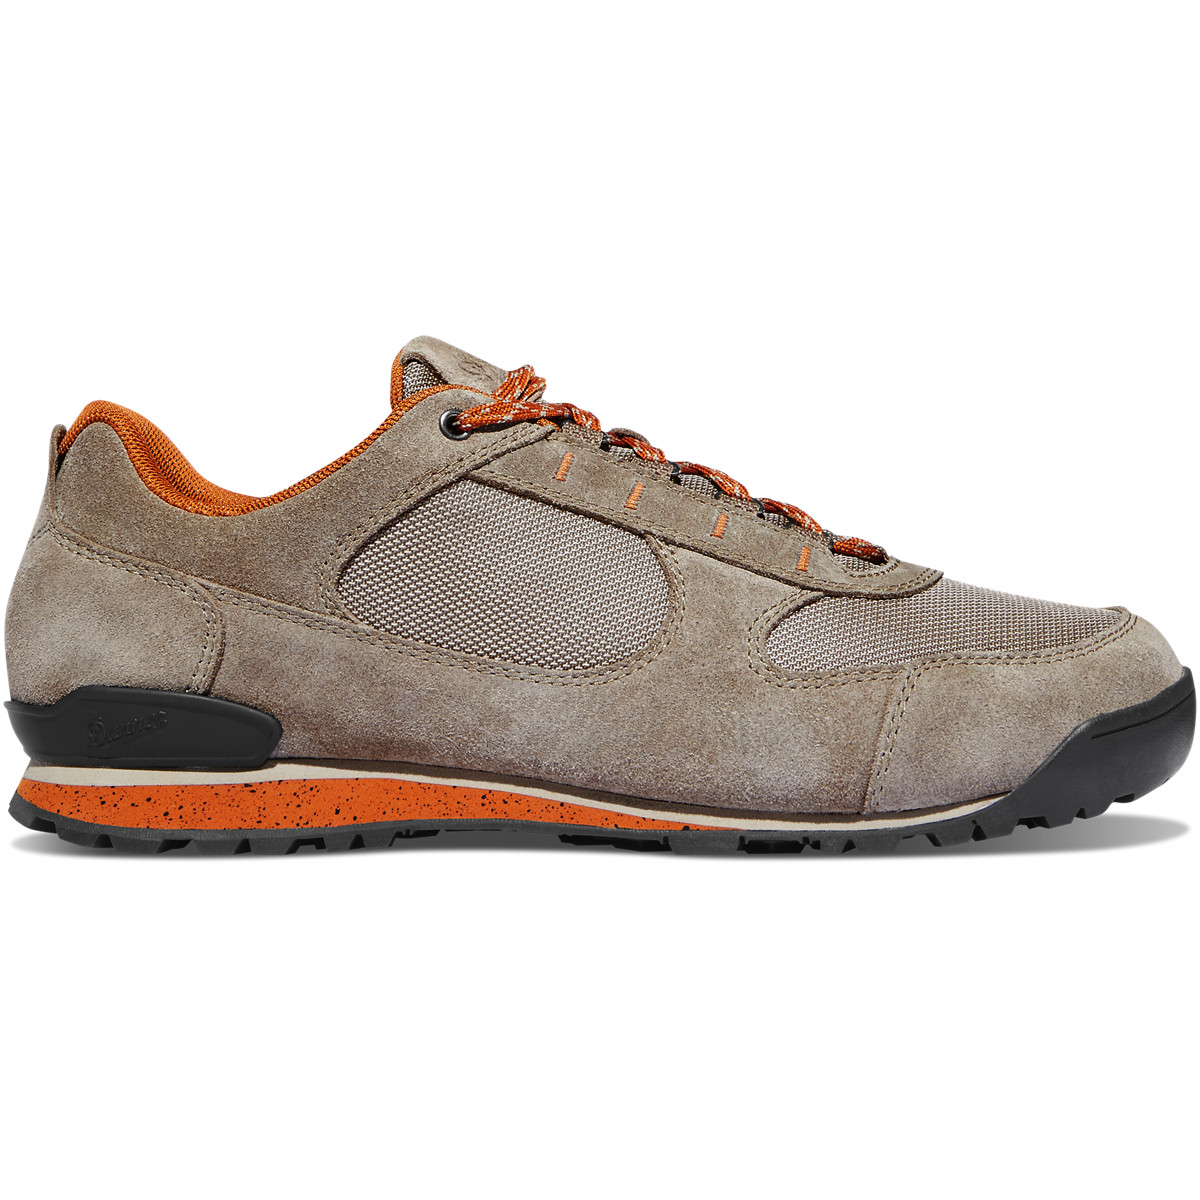 Danner Mens Jag Low 3 Hiking Shoe